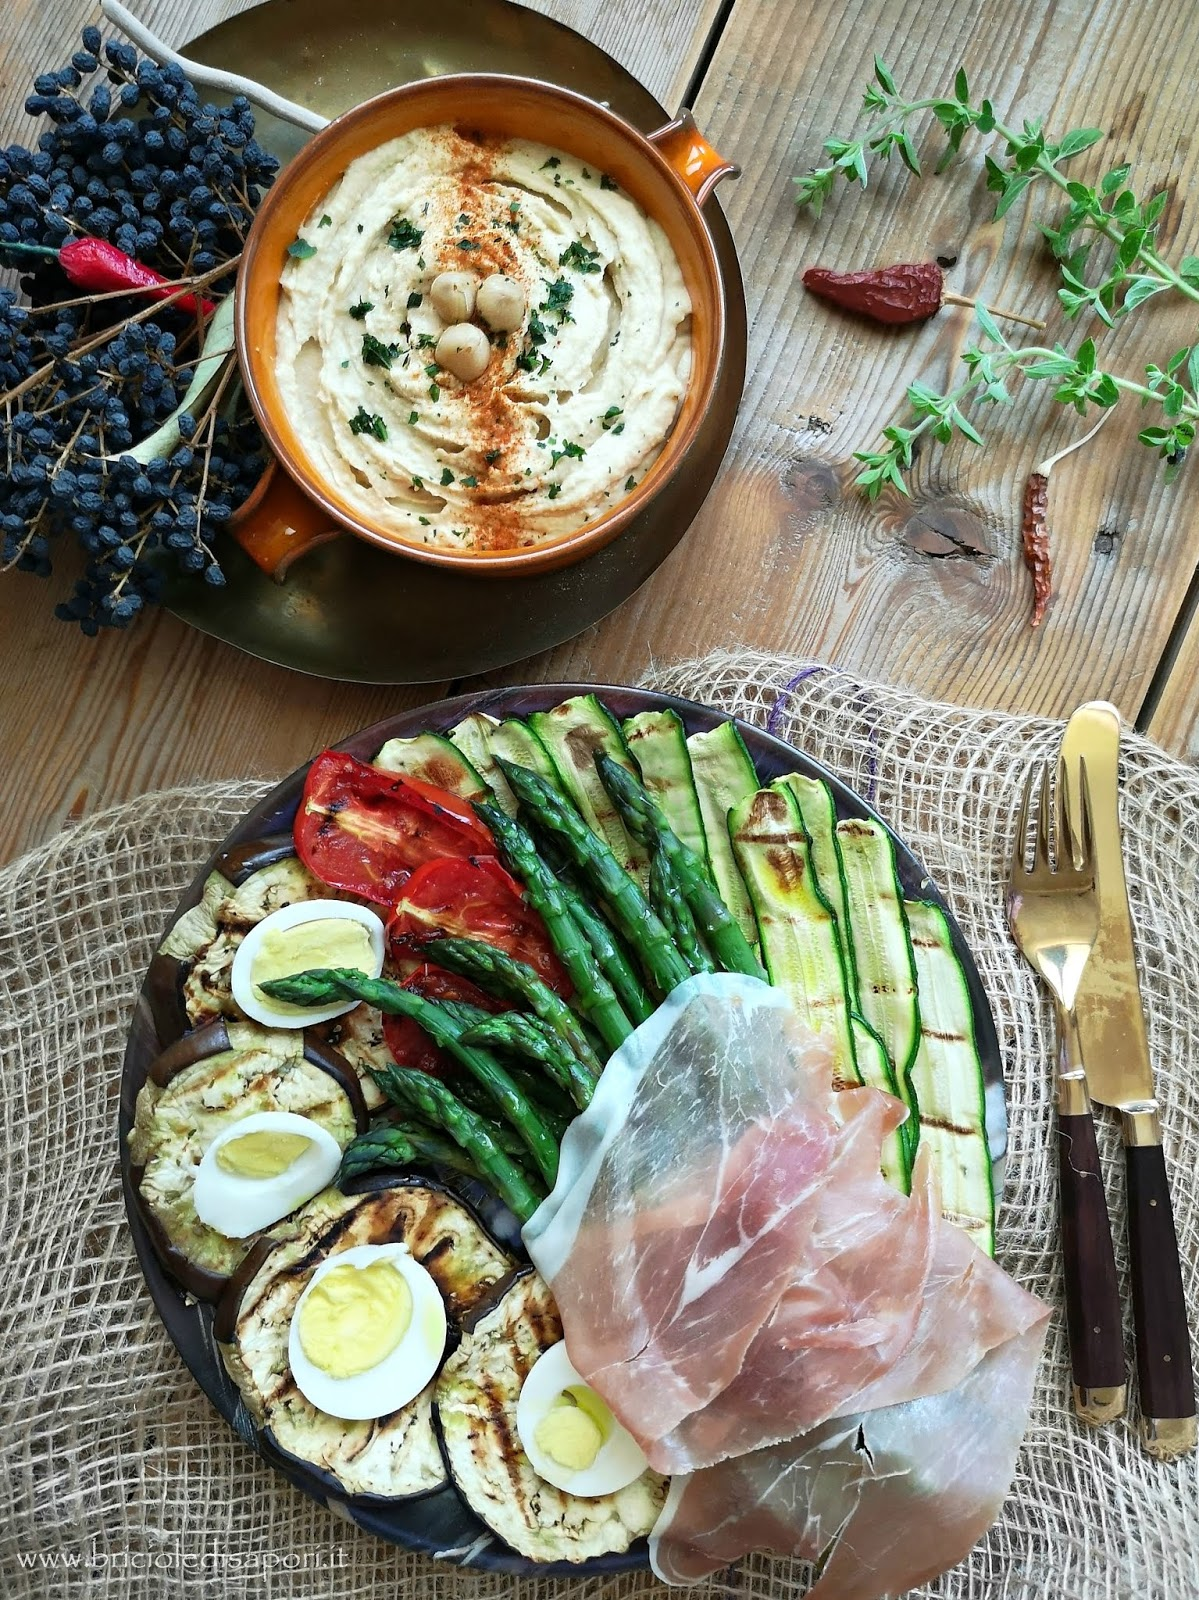 ricetta estiva con verdure miste